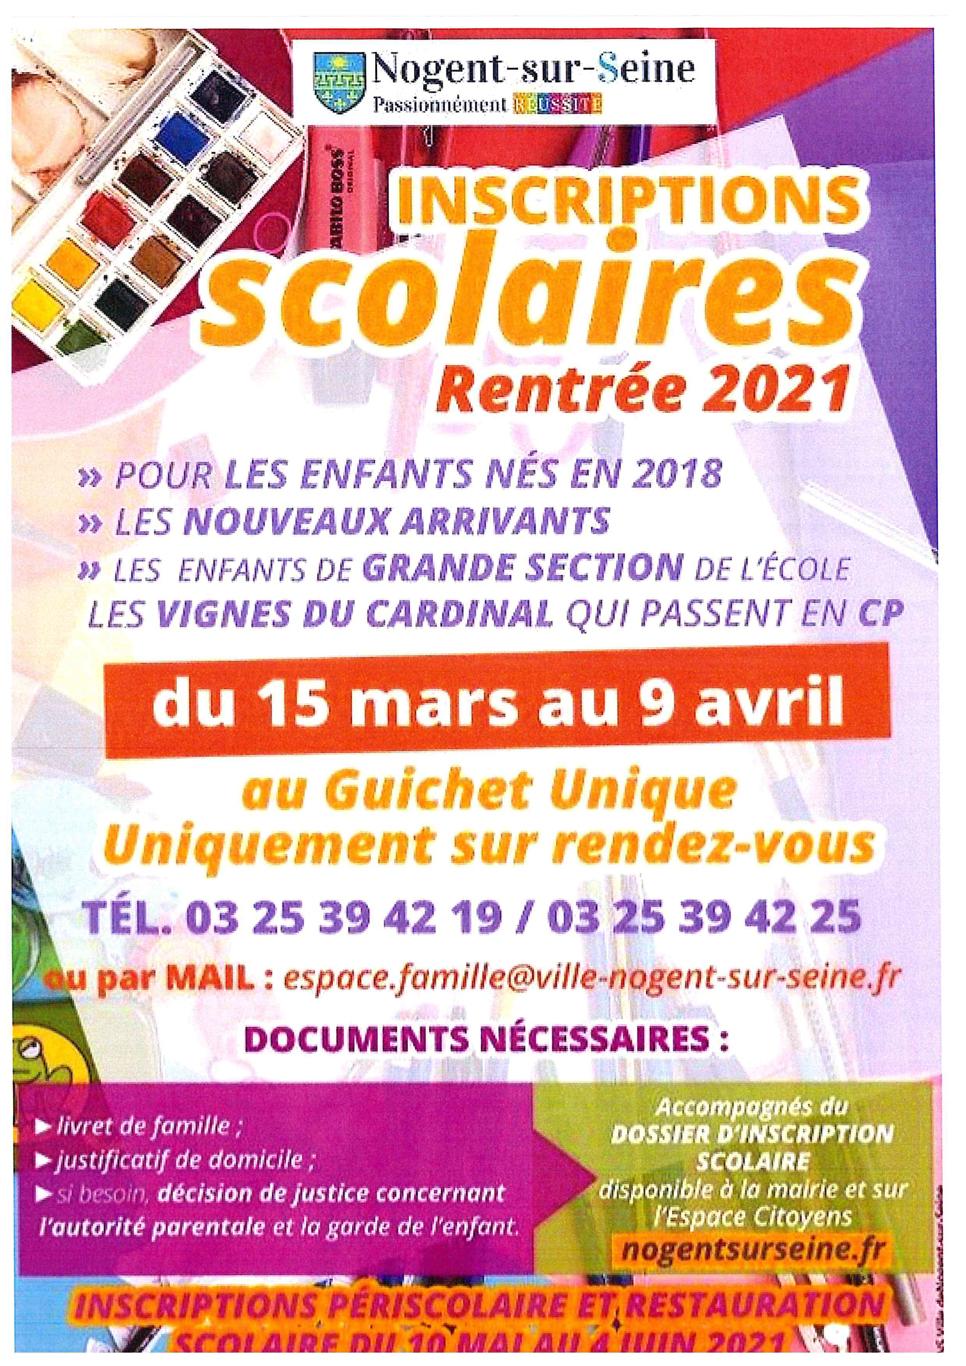 InscriptionsScolaires21